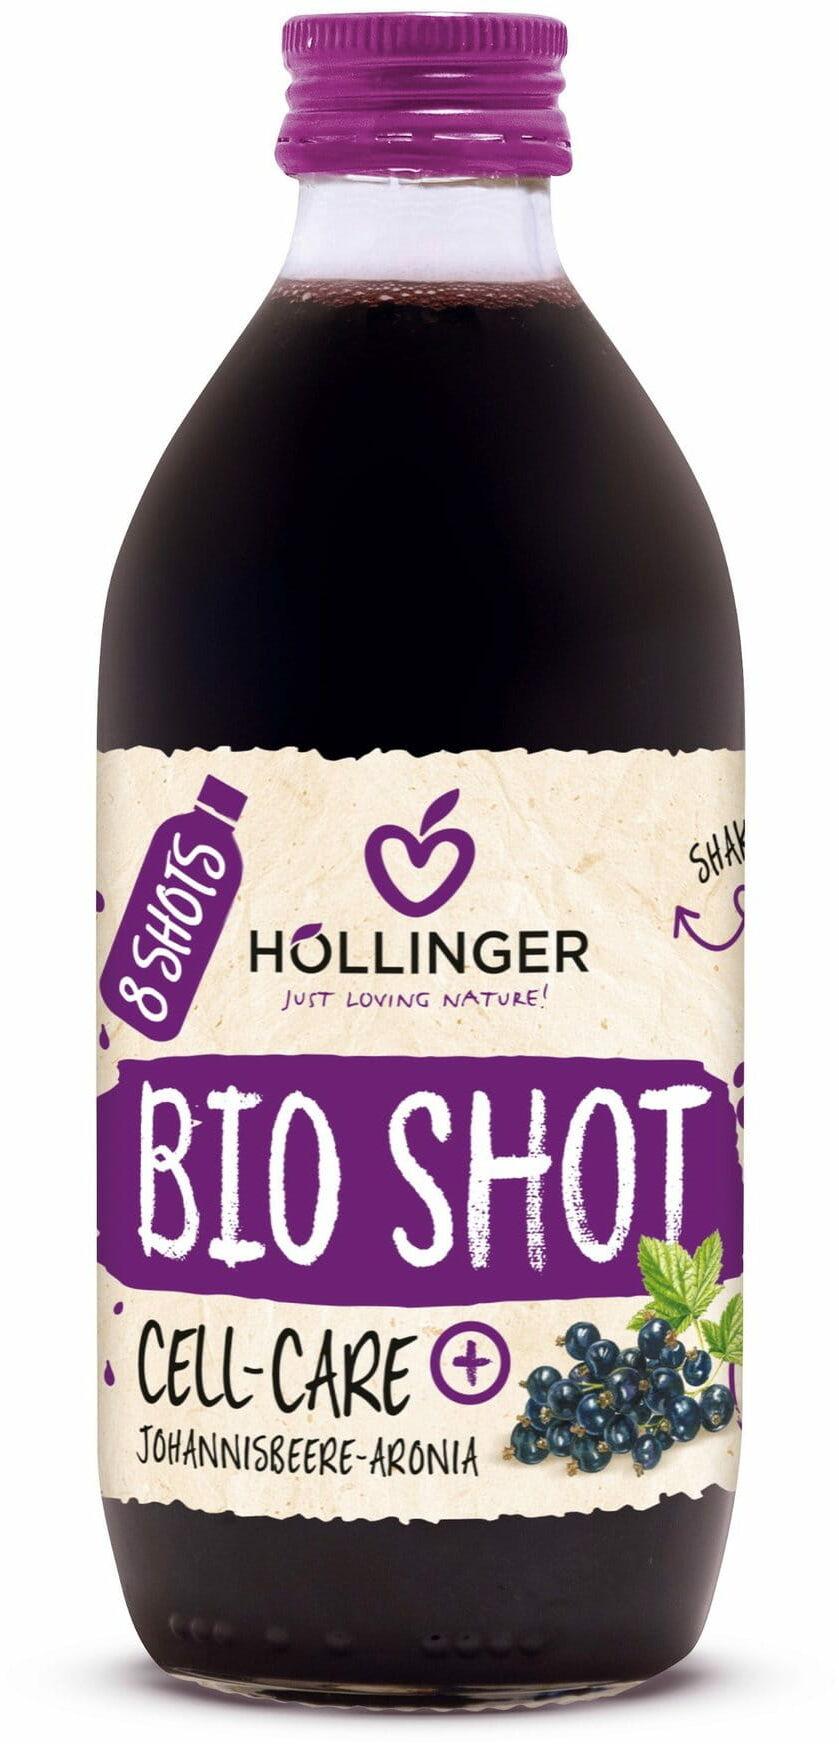 Shot owocowy czarna porzeczka - aronia antyoksydant bio 330 ml - hollinger